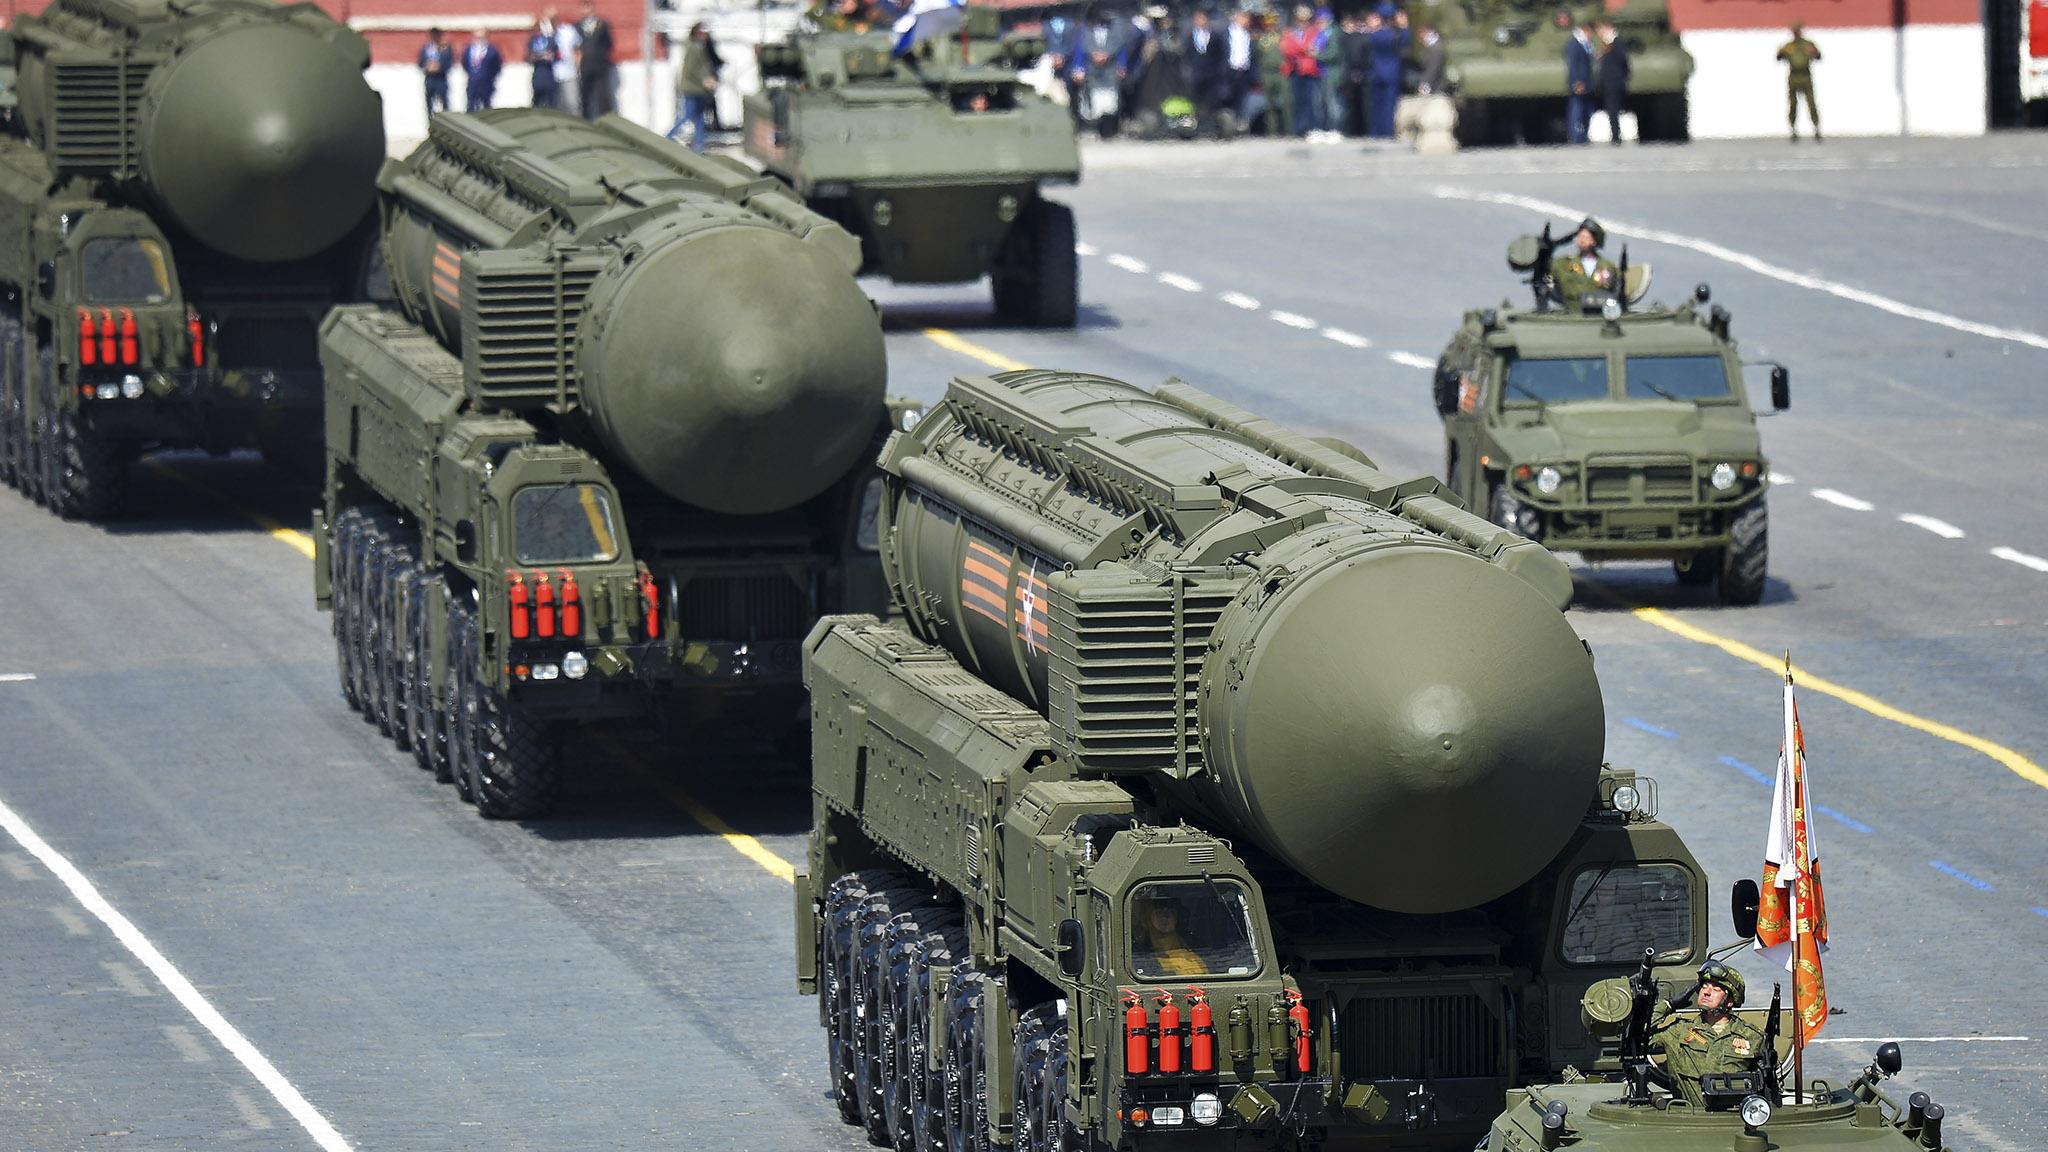 روسيا تضع عروضا جديدة لبيع الأسلحة ونقل التكنولوجيا العسكرية